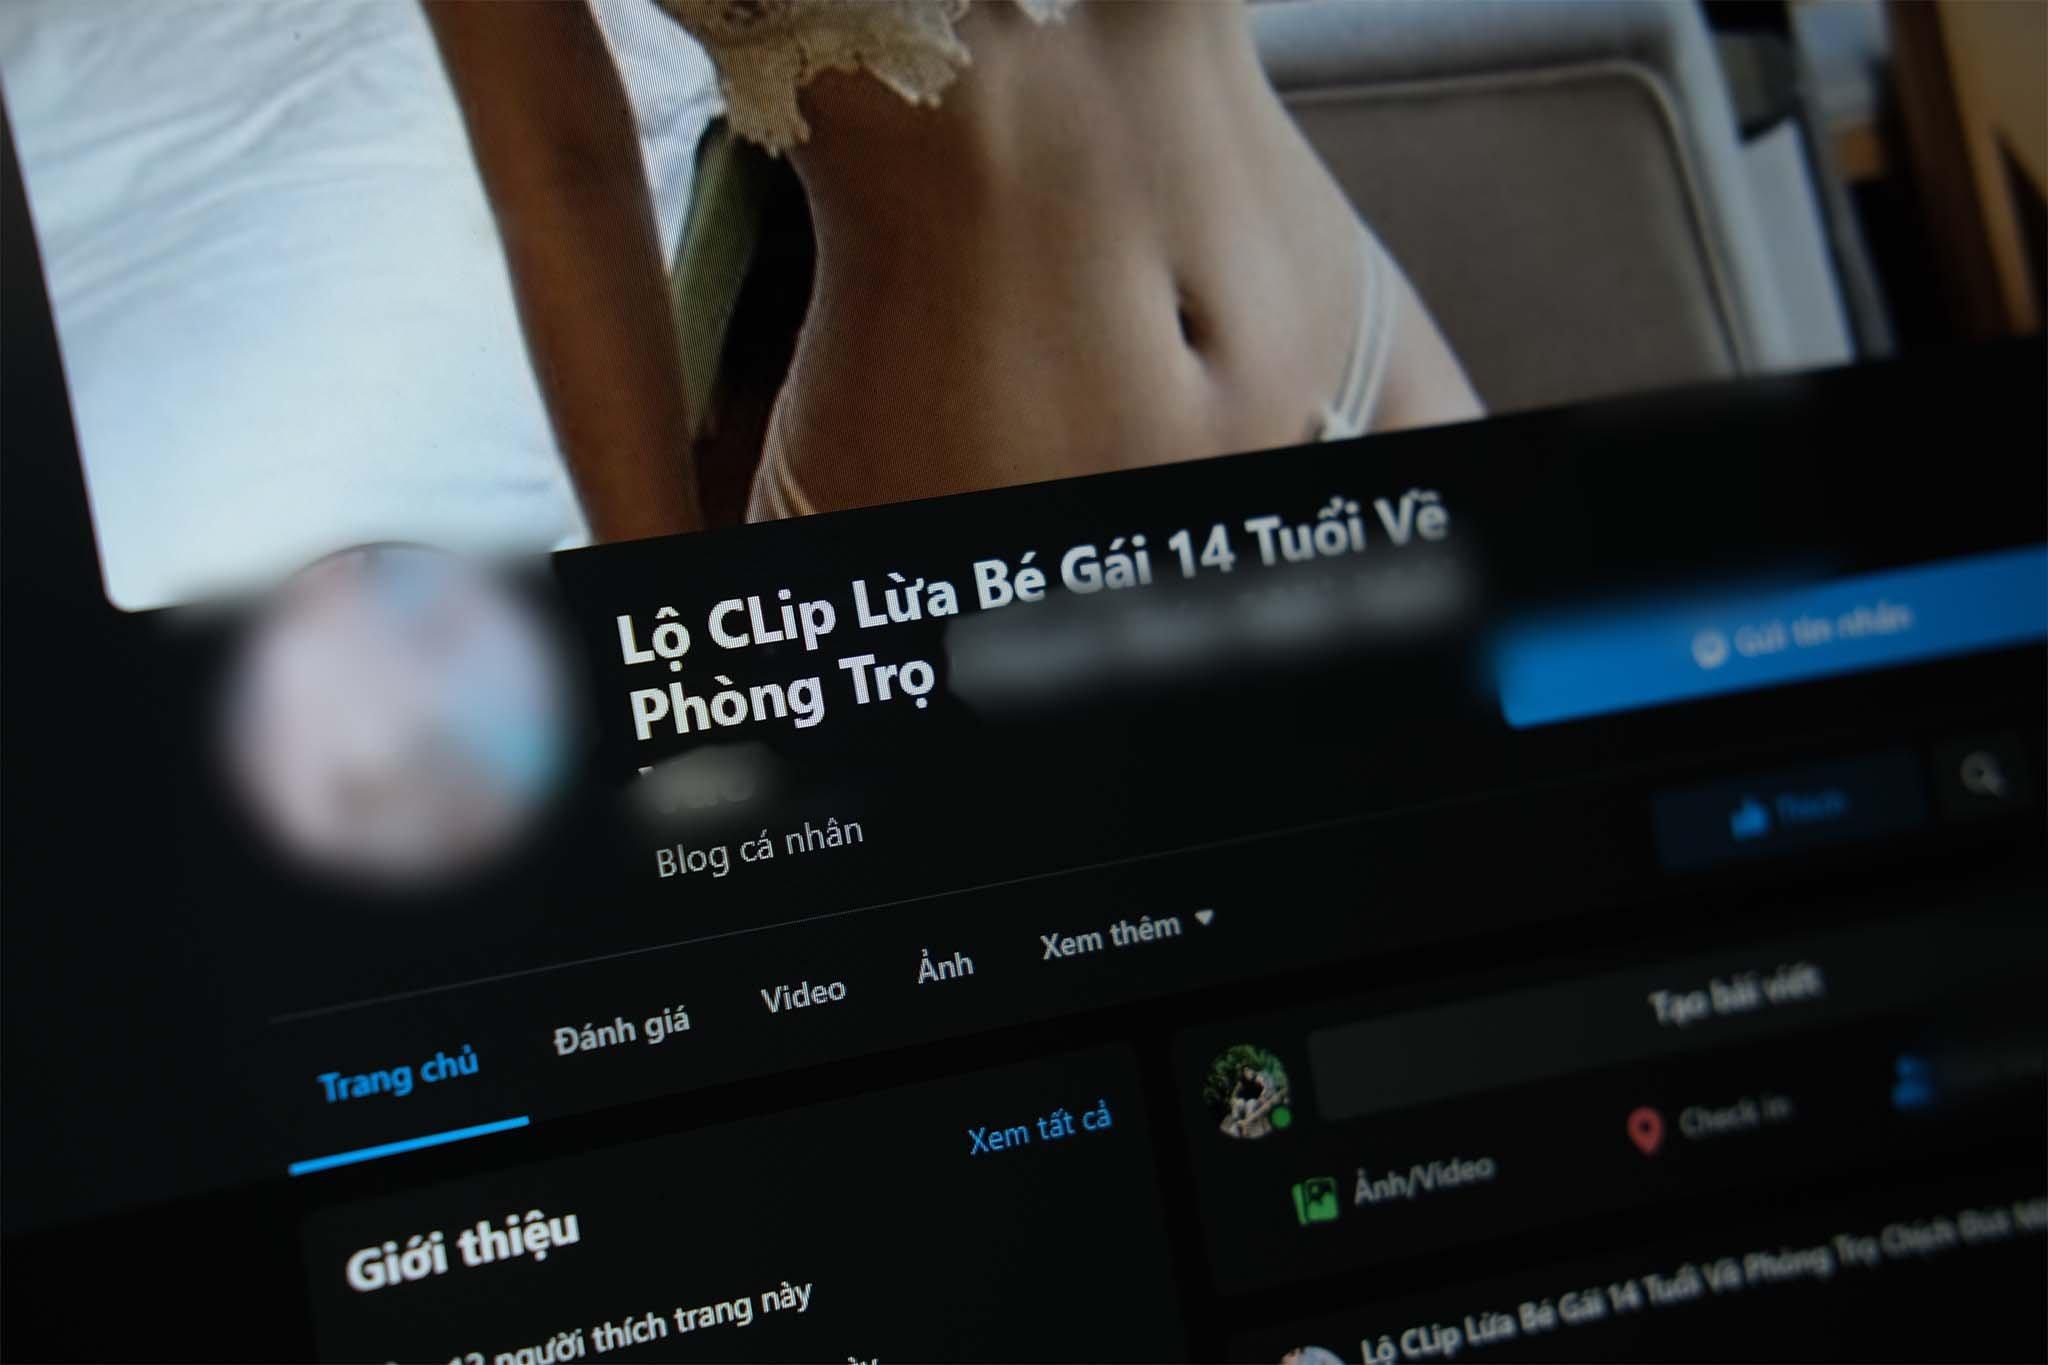 Nhân viên Facebook xác nhận fanpage có nội dung ấu dâm là hợp lệ